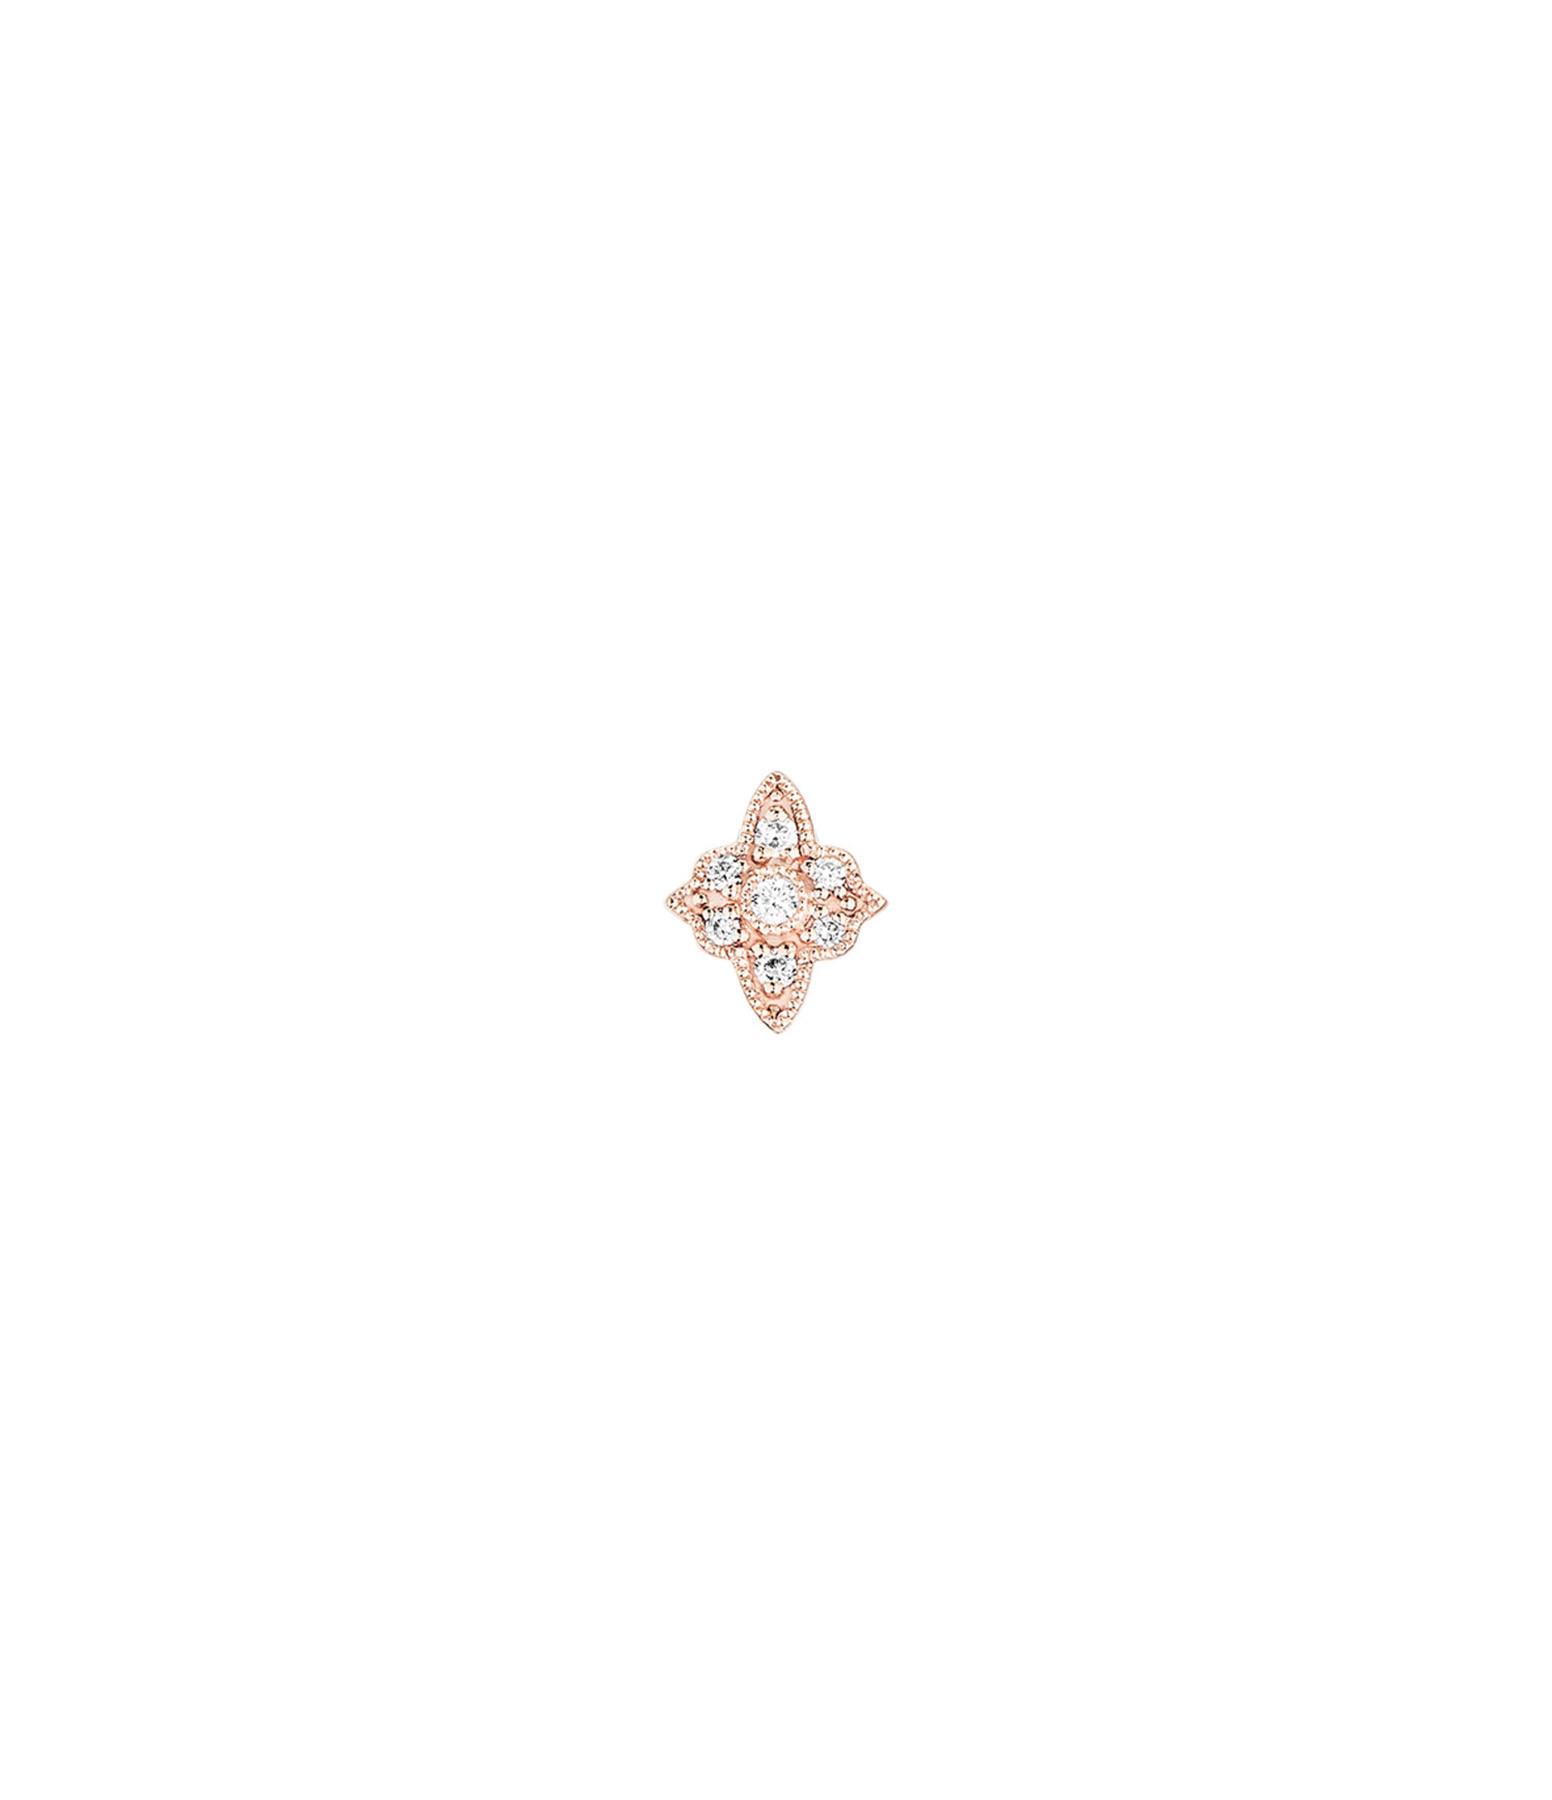 STONE PARIS - Boucle d'oreille Bouton Belle Epoque PM Diamants (vendue à l'unité)